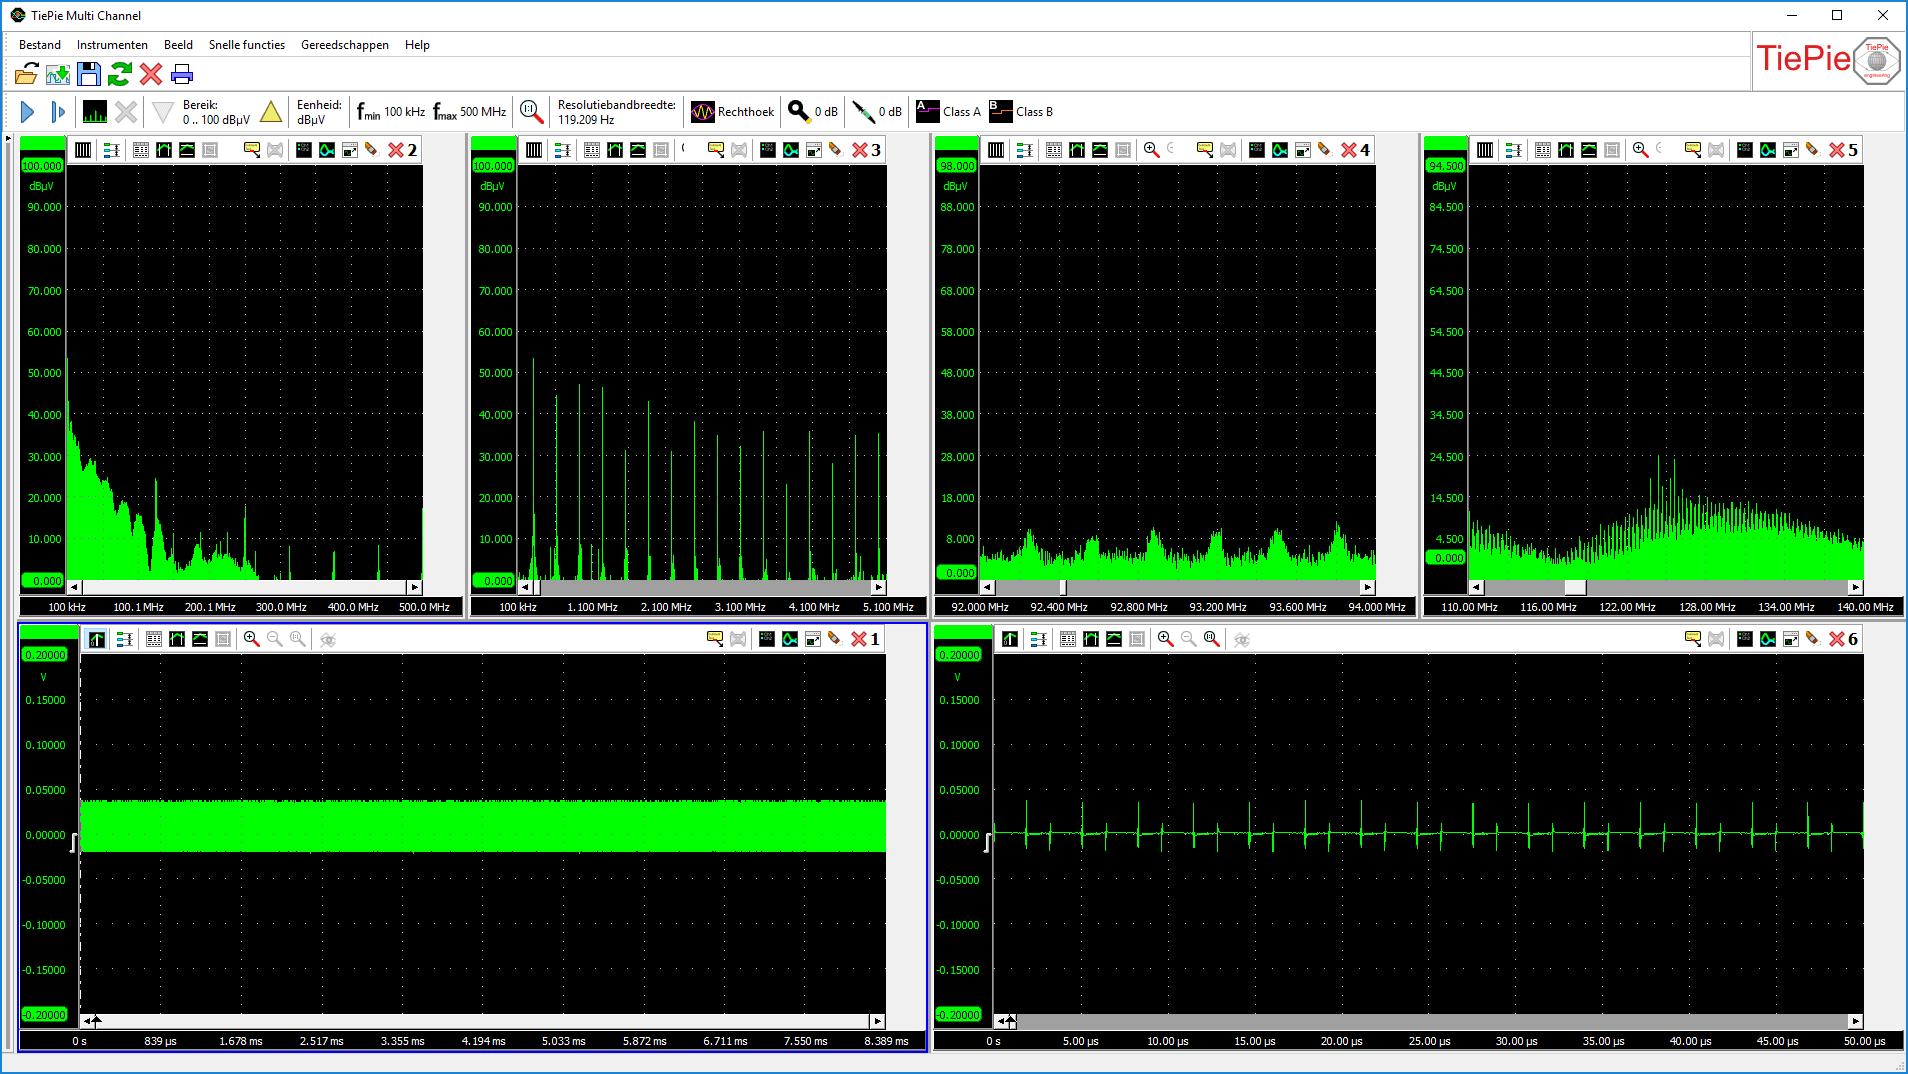 Boven: een volledig spectrum van 0Hz tot 500MHz en 3 schermen met uitvergrote delen van het           live spectrum. Onder: het volledige tijddomeinsignaal en een uitvergroot deel van het tijddomeinsignaal,           live met het spectrum.